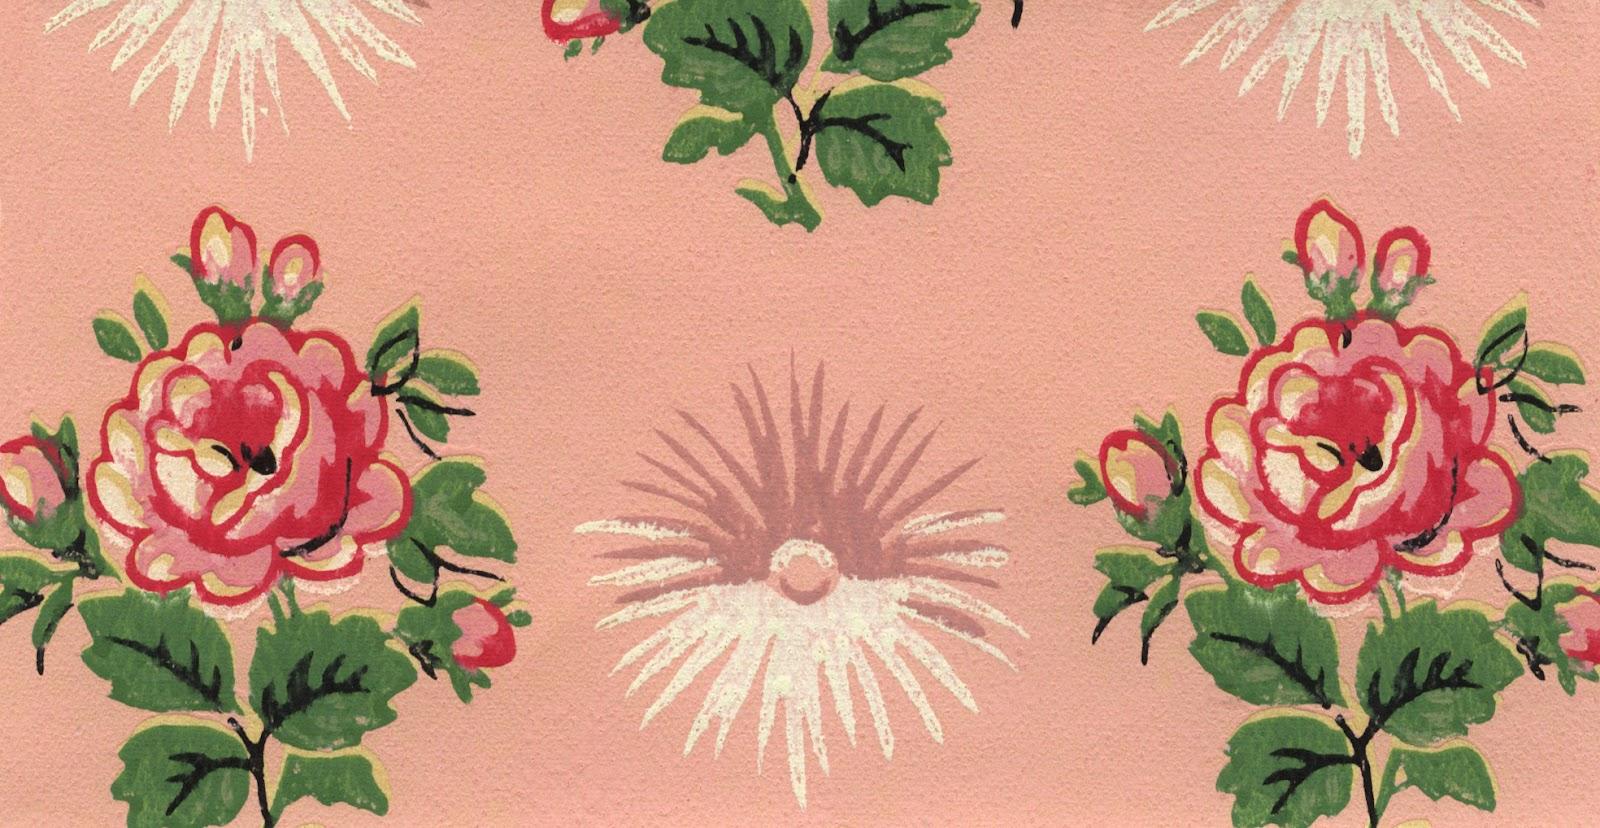 Related Vintage Desktop Wallpaper Bird Wallpapers Vintage 1600x828